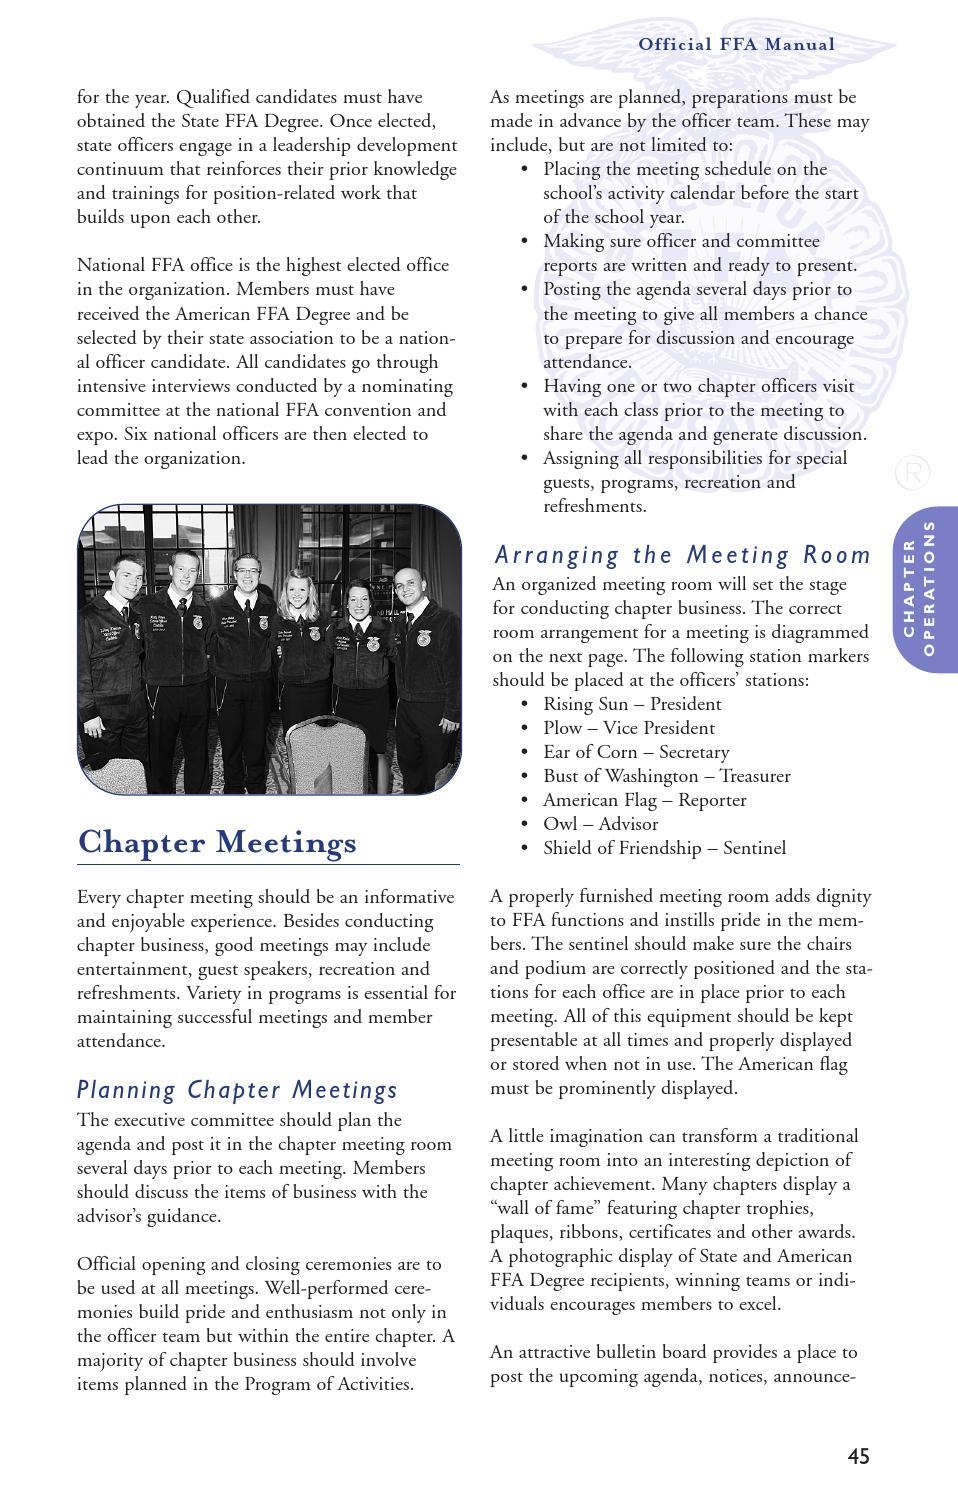 official ffa manual by national ffa organization issuu